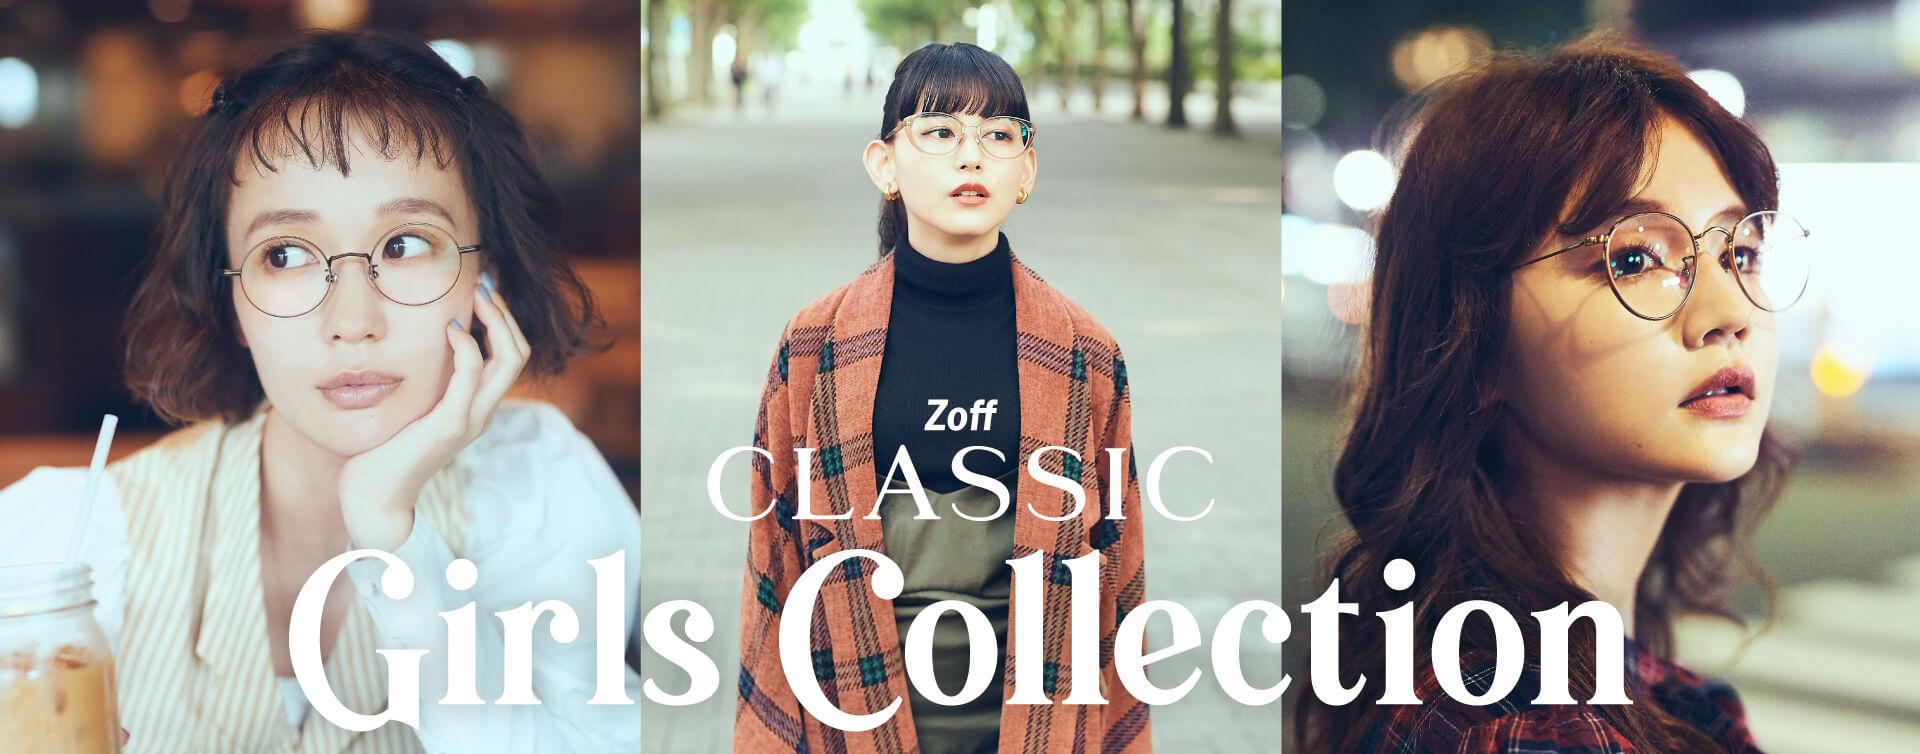 「いつでも、まいにち」かけかえたくなるメガネ|Zoffにて、柴田紗希、菅沼ゆり、村田倫子がプロデュース life-fashion190919-zoff-girlscollection-8